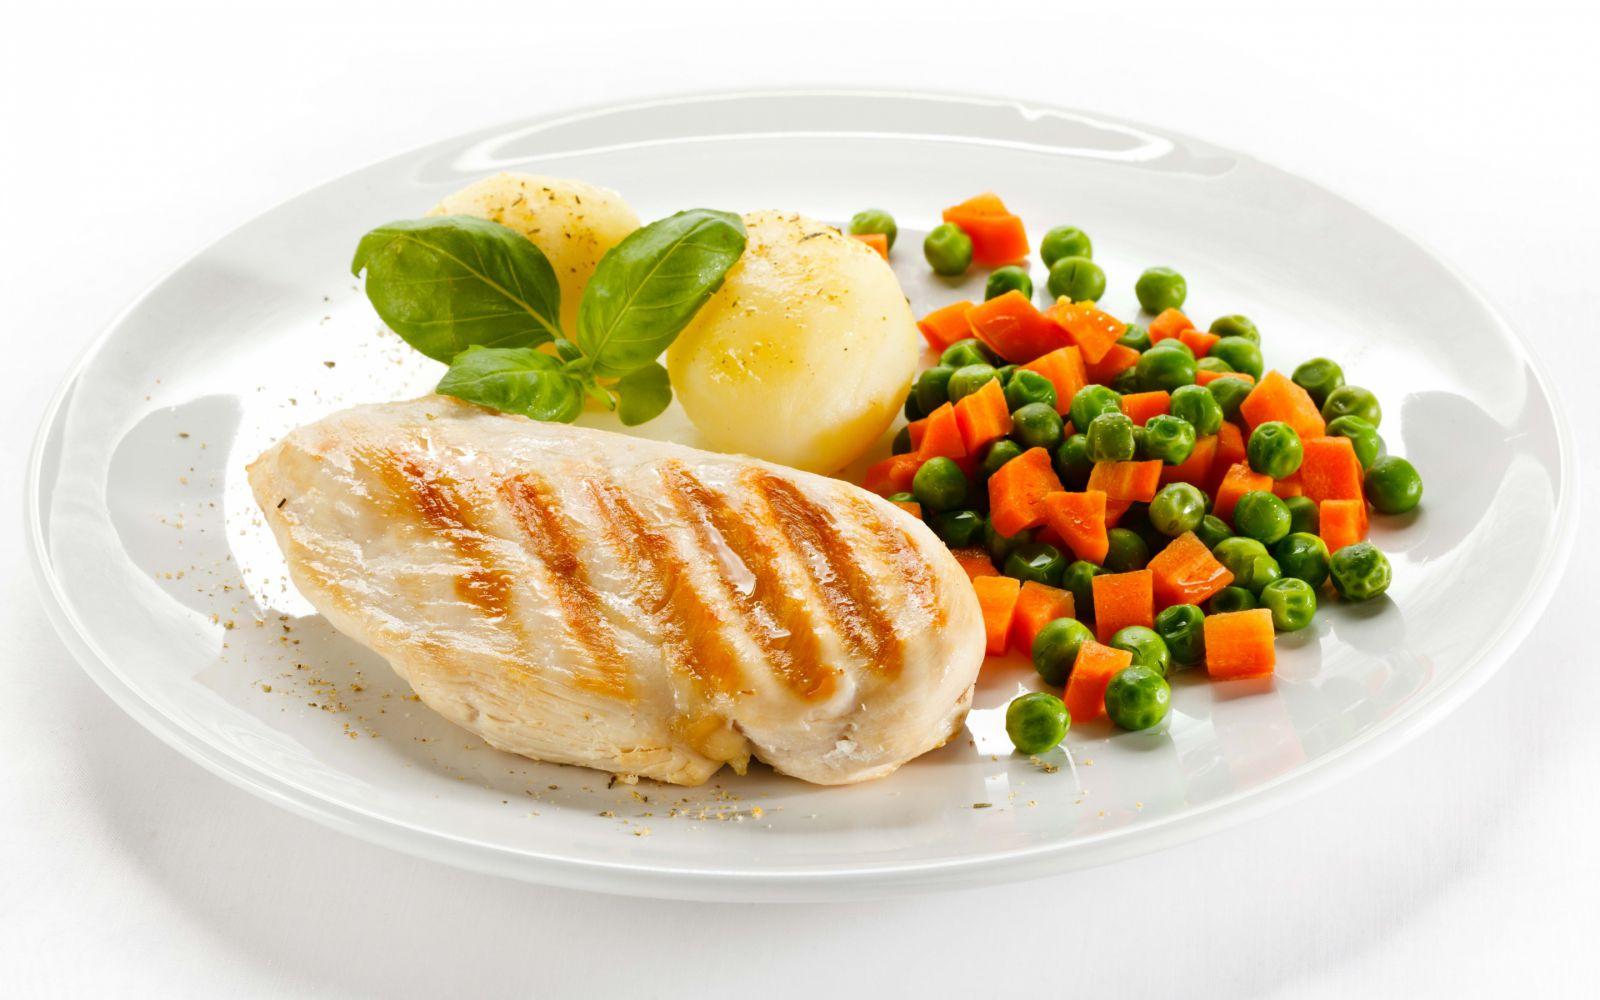 термобелье компании блюда из курицы нежирные или